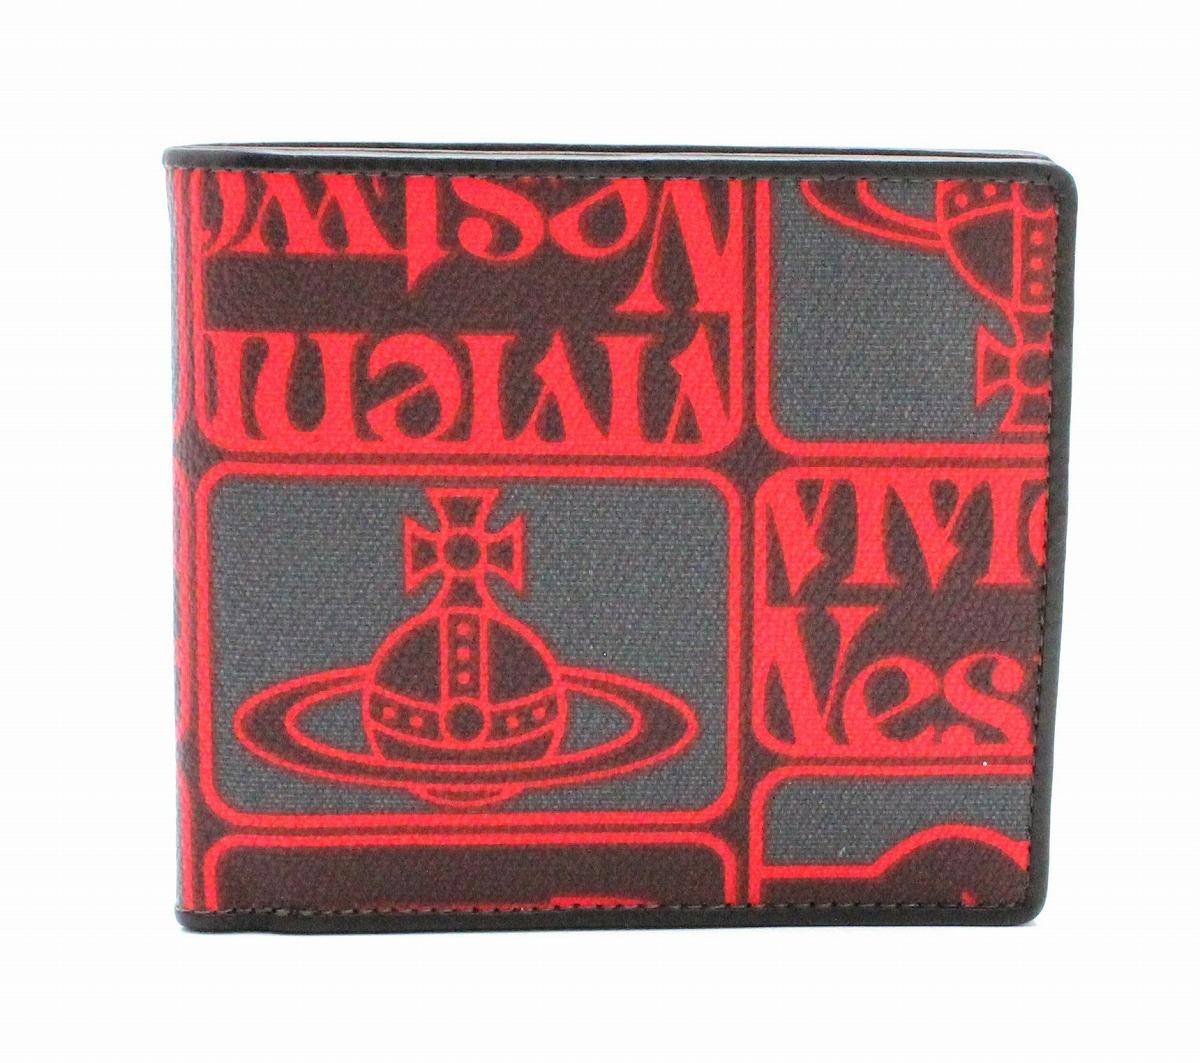 8155790bd83c ... セール | フランクミュラー | 財布 | Vivienne Westwood ヴィヴィアン ウエストウッド オーブ 2つ折 財布 PVC  レザー レッド 赤 グレー ブラック 黒 | k